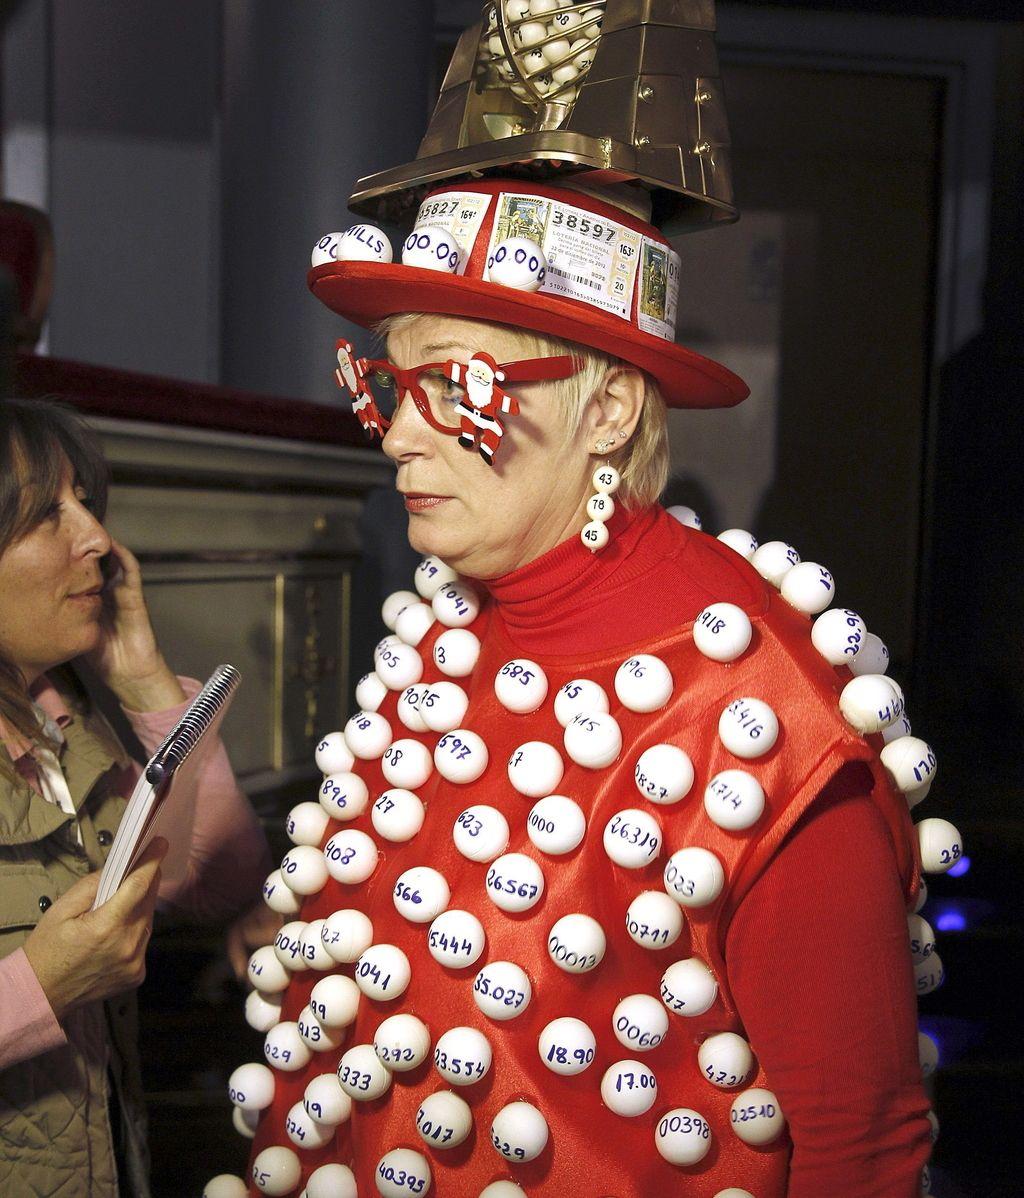 Lotería de Navidad, ilusión de millones